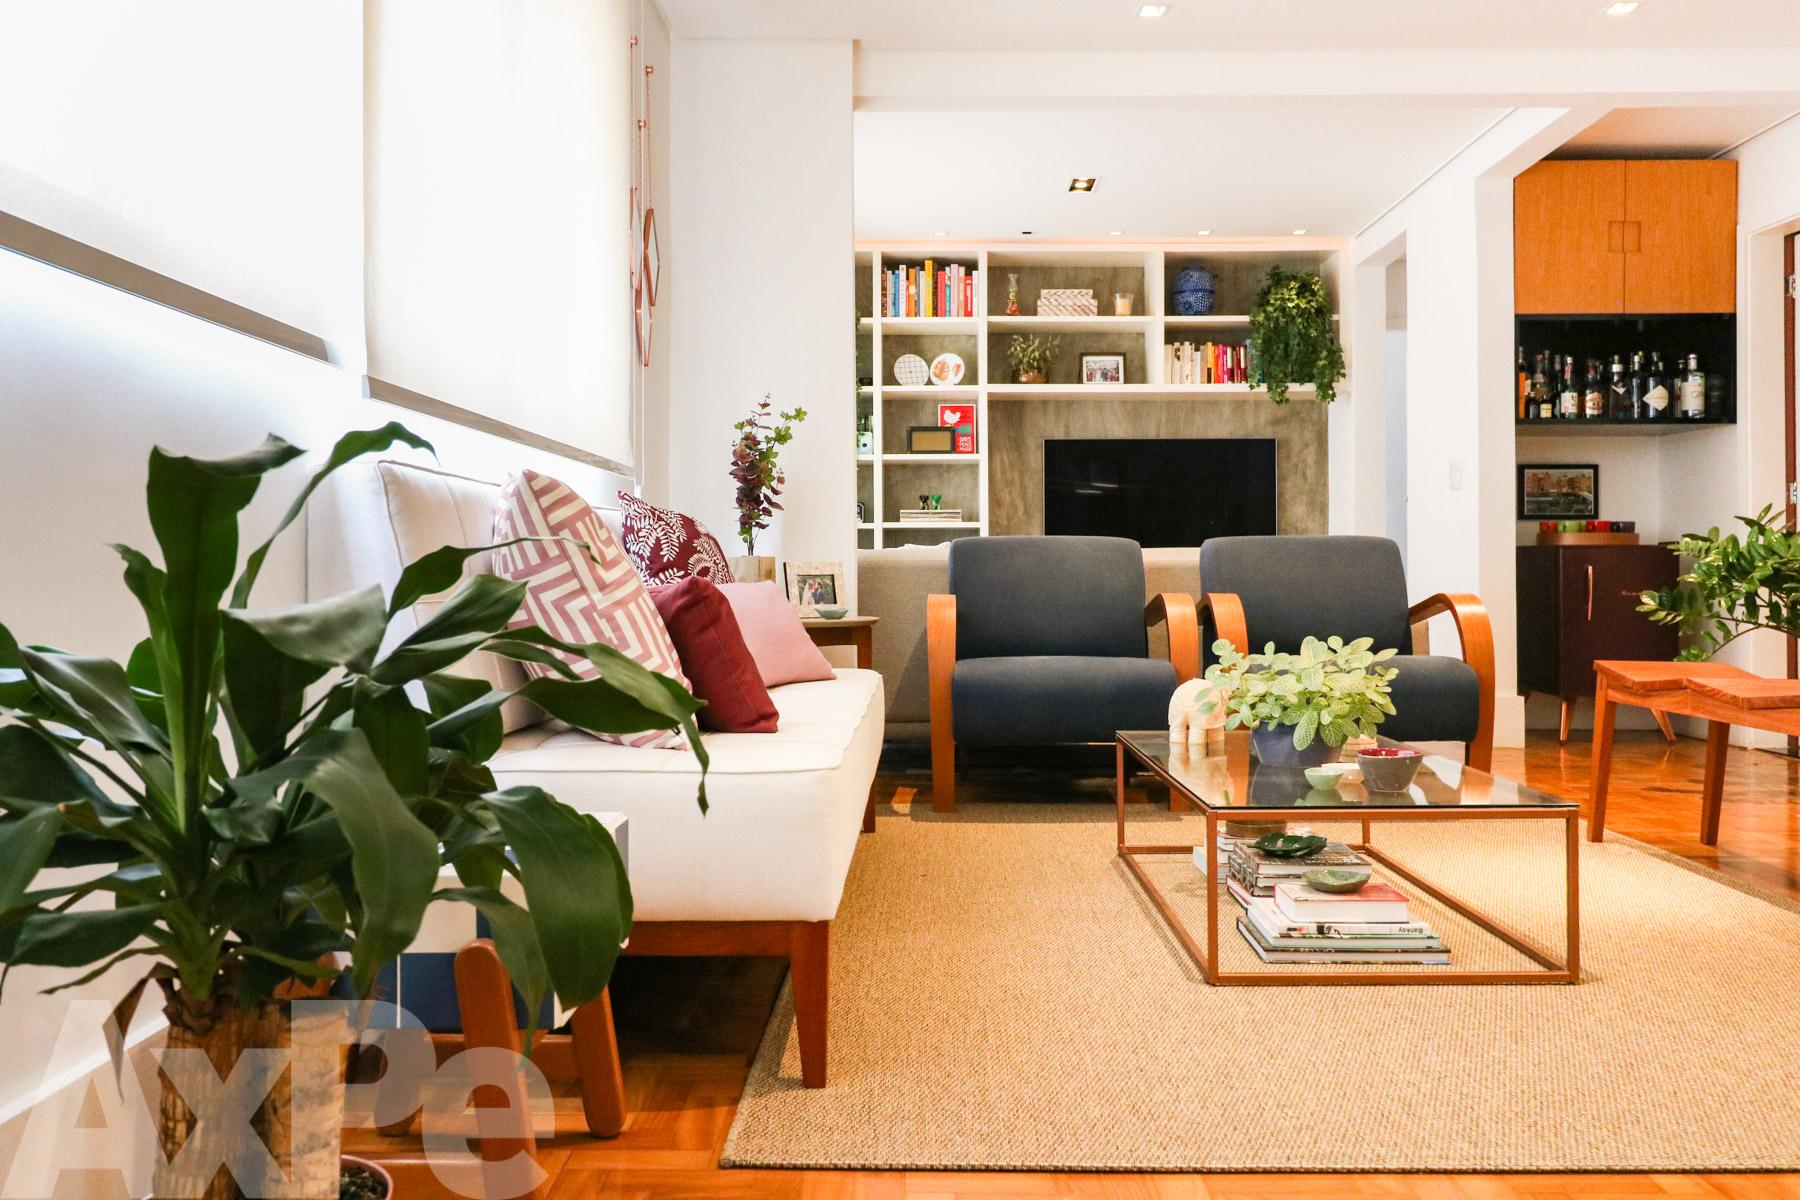 Axpe Apartamento - AX147395